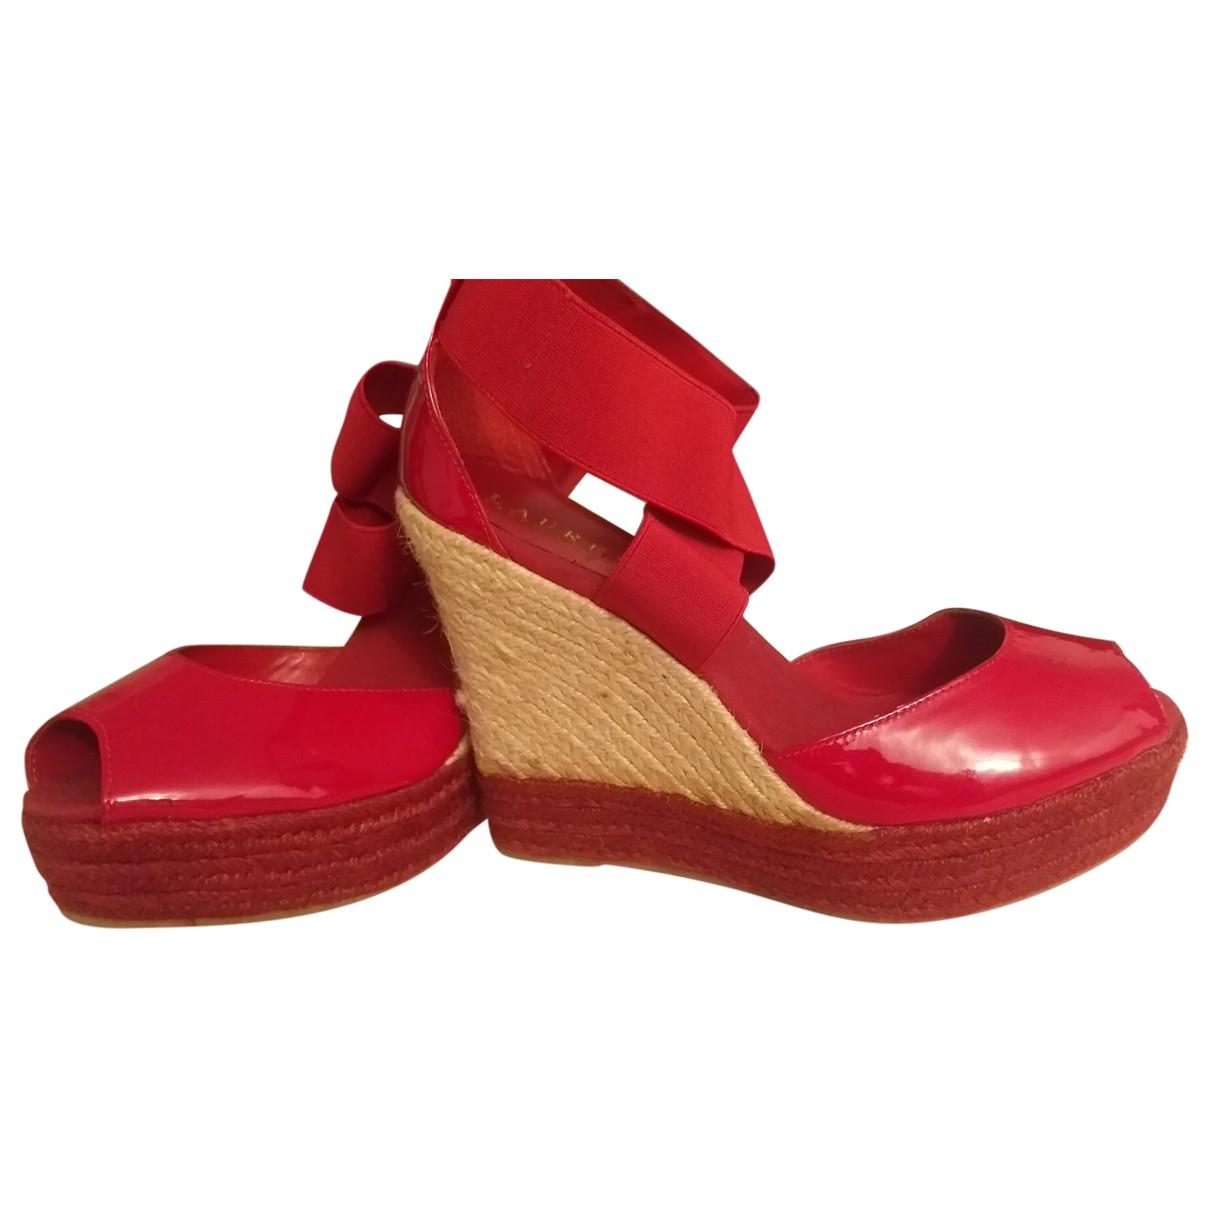 Lauren Ralph Lauren N Red Patent leather Heels for Women 39 EU